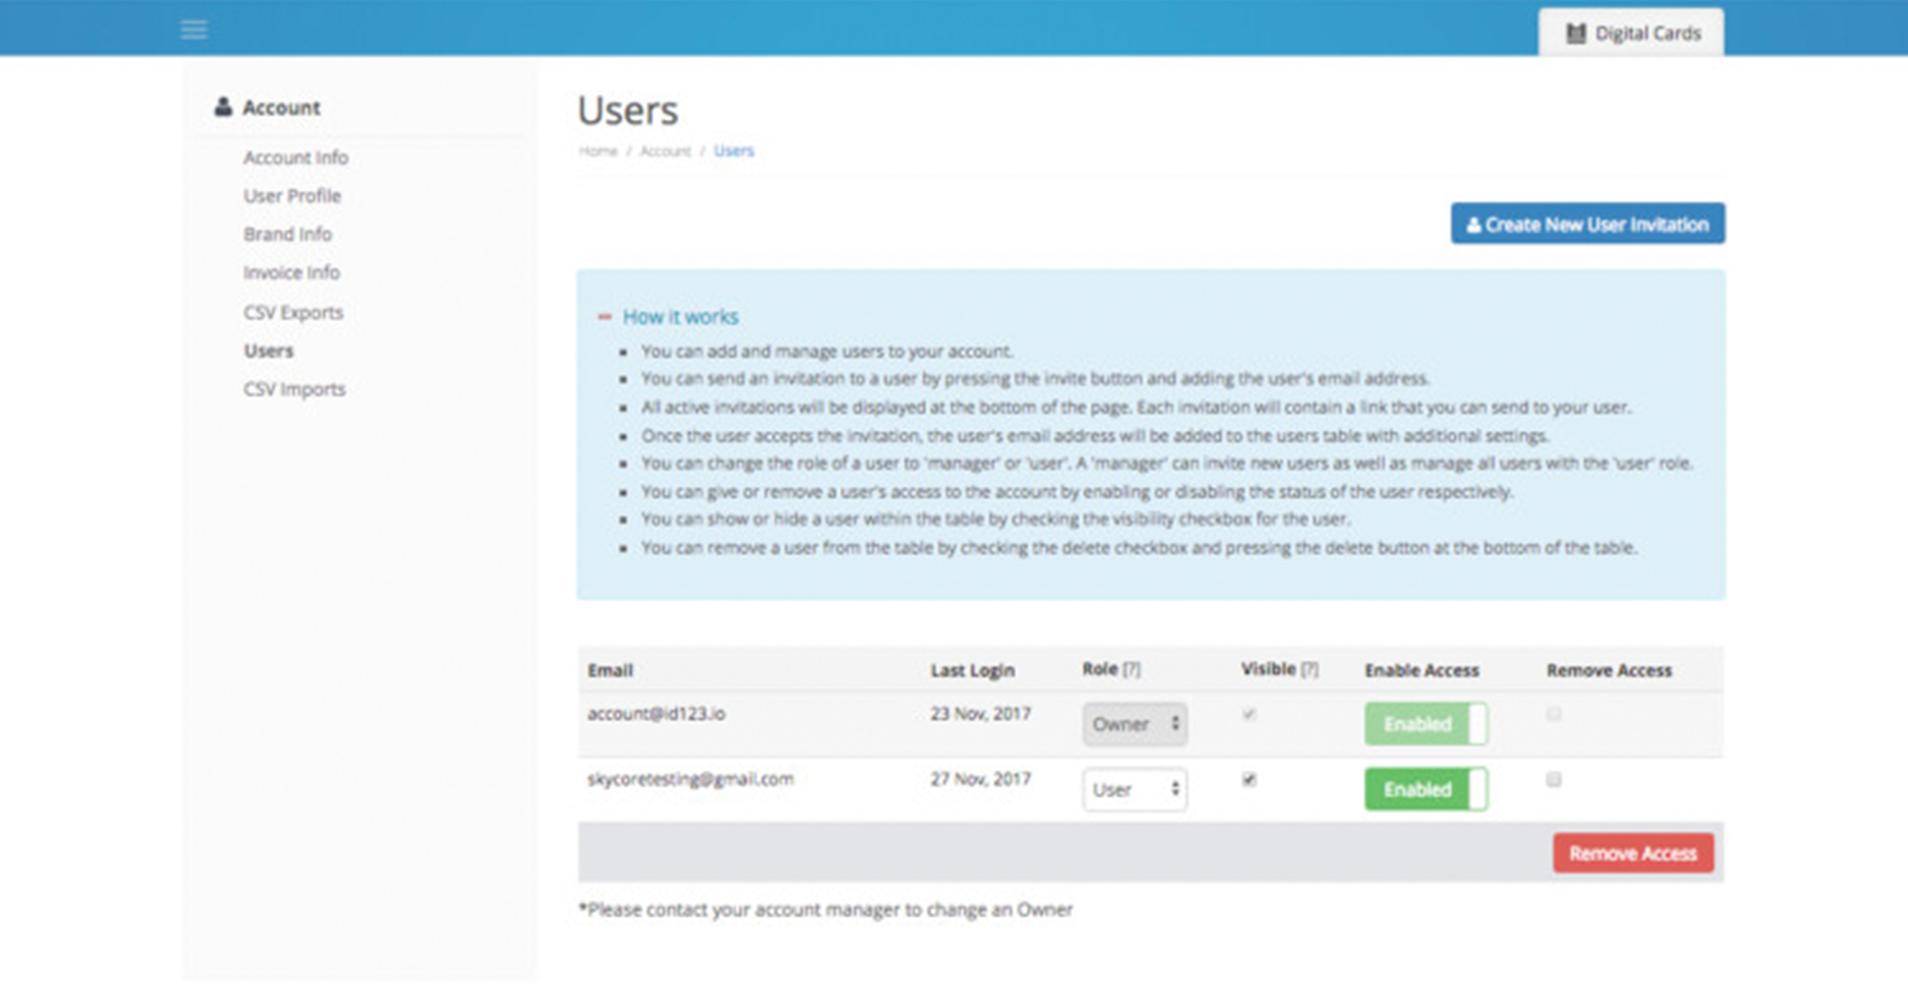 Users Screen